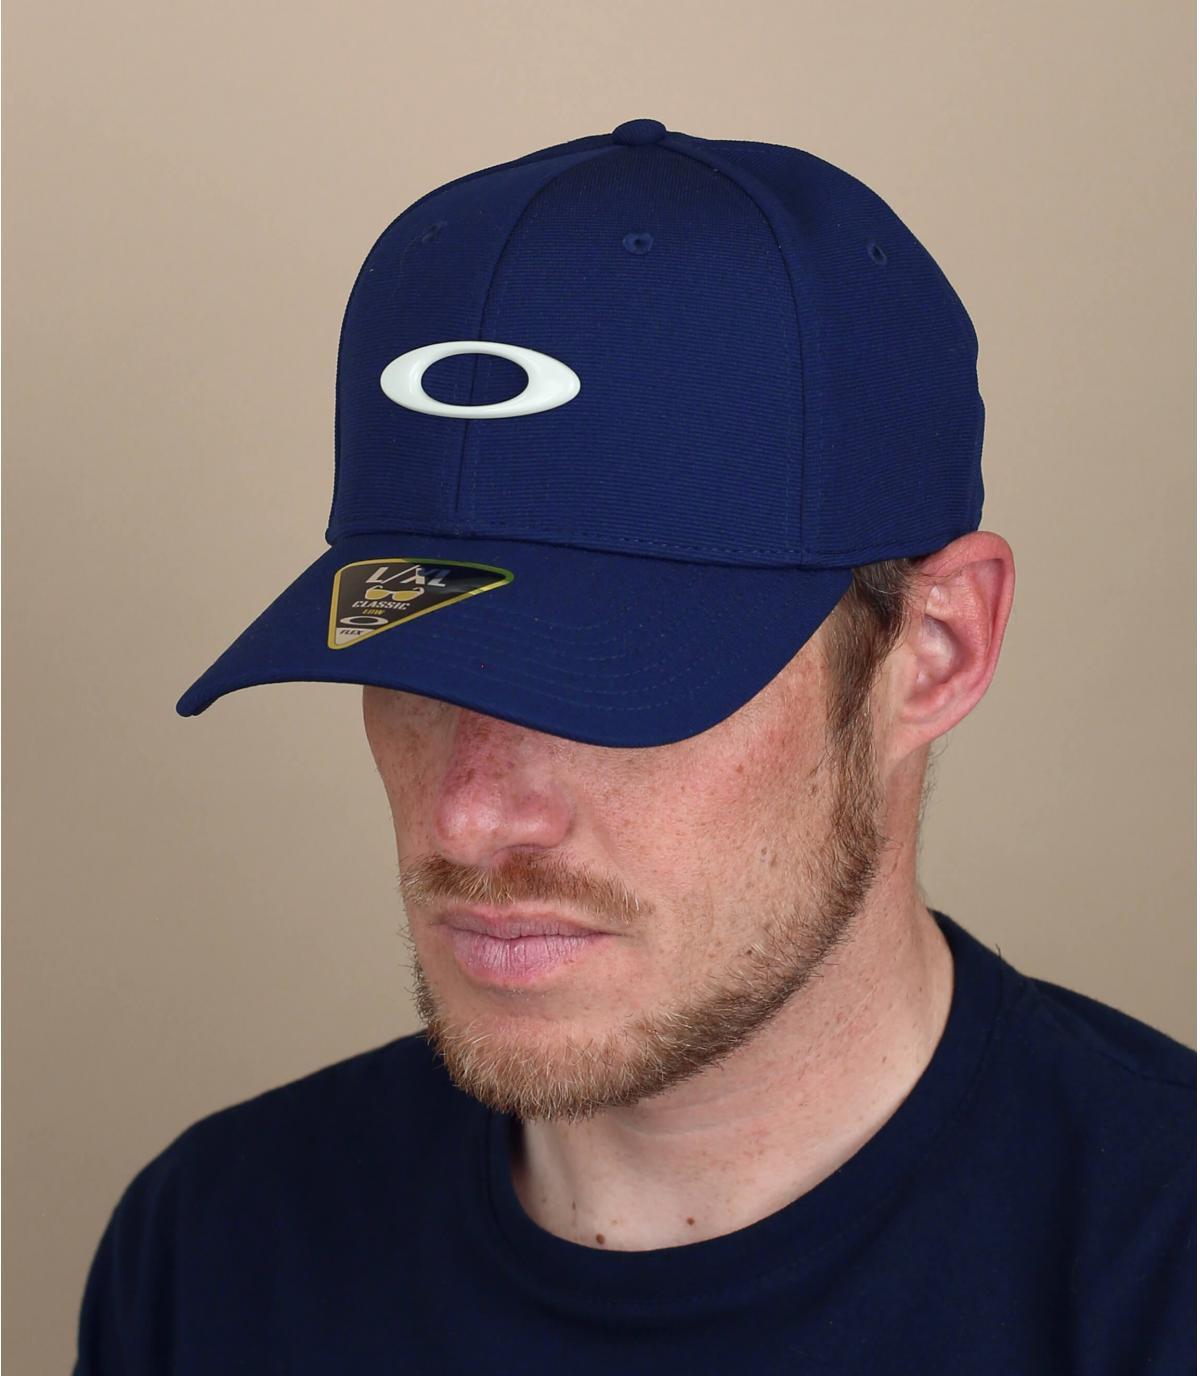 Cappellino Oakley blu navy